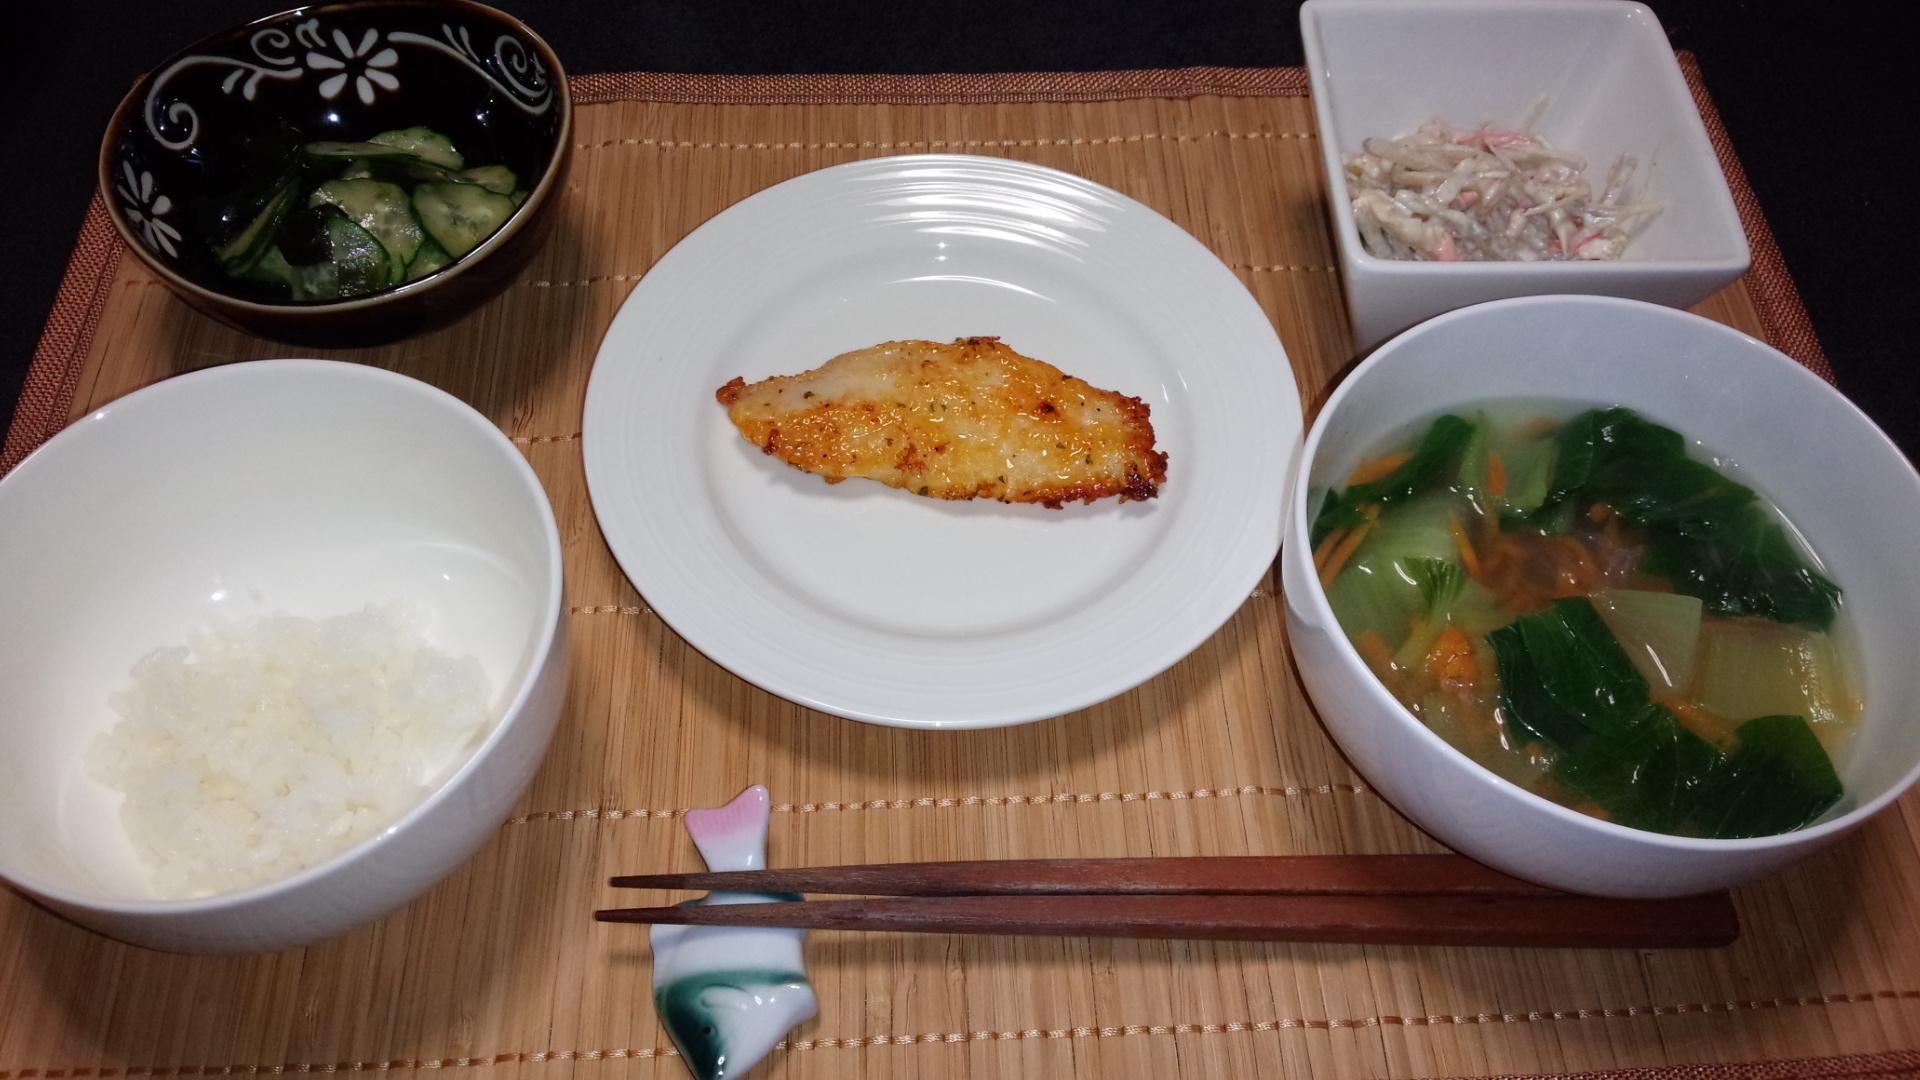 春雨 スープ ダイエット